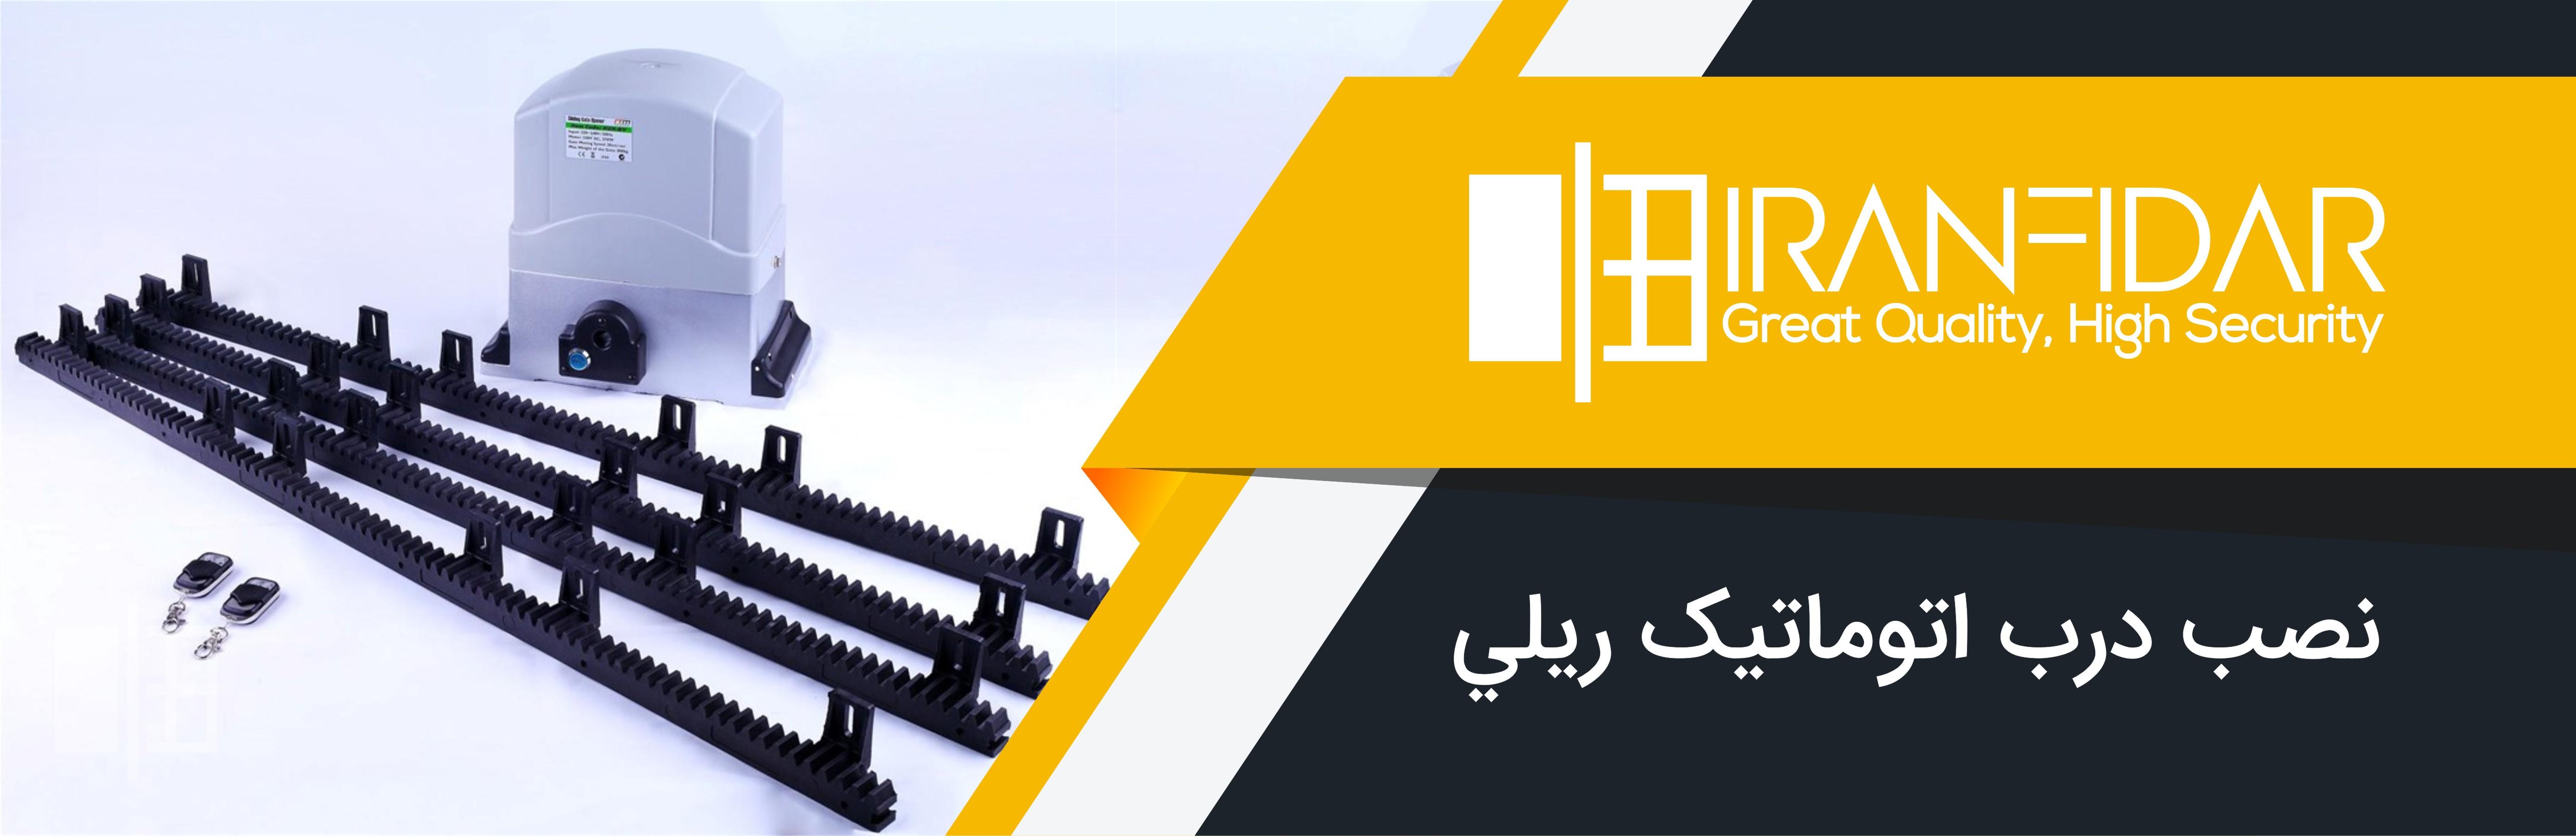 در ریموت دار - درب ریلی | ایران فیدار